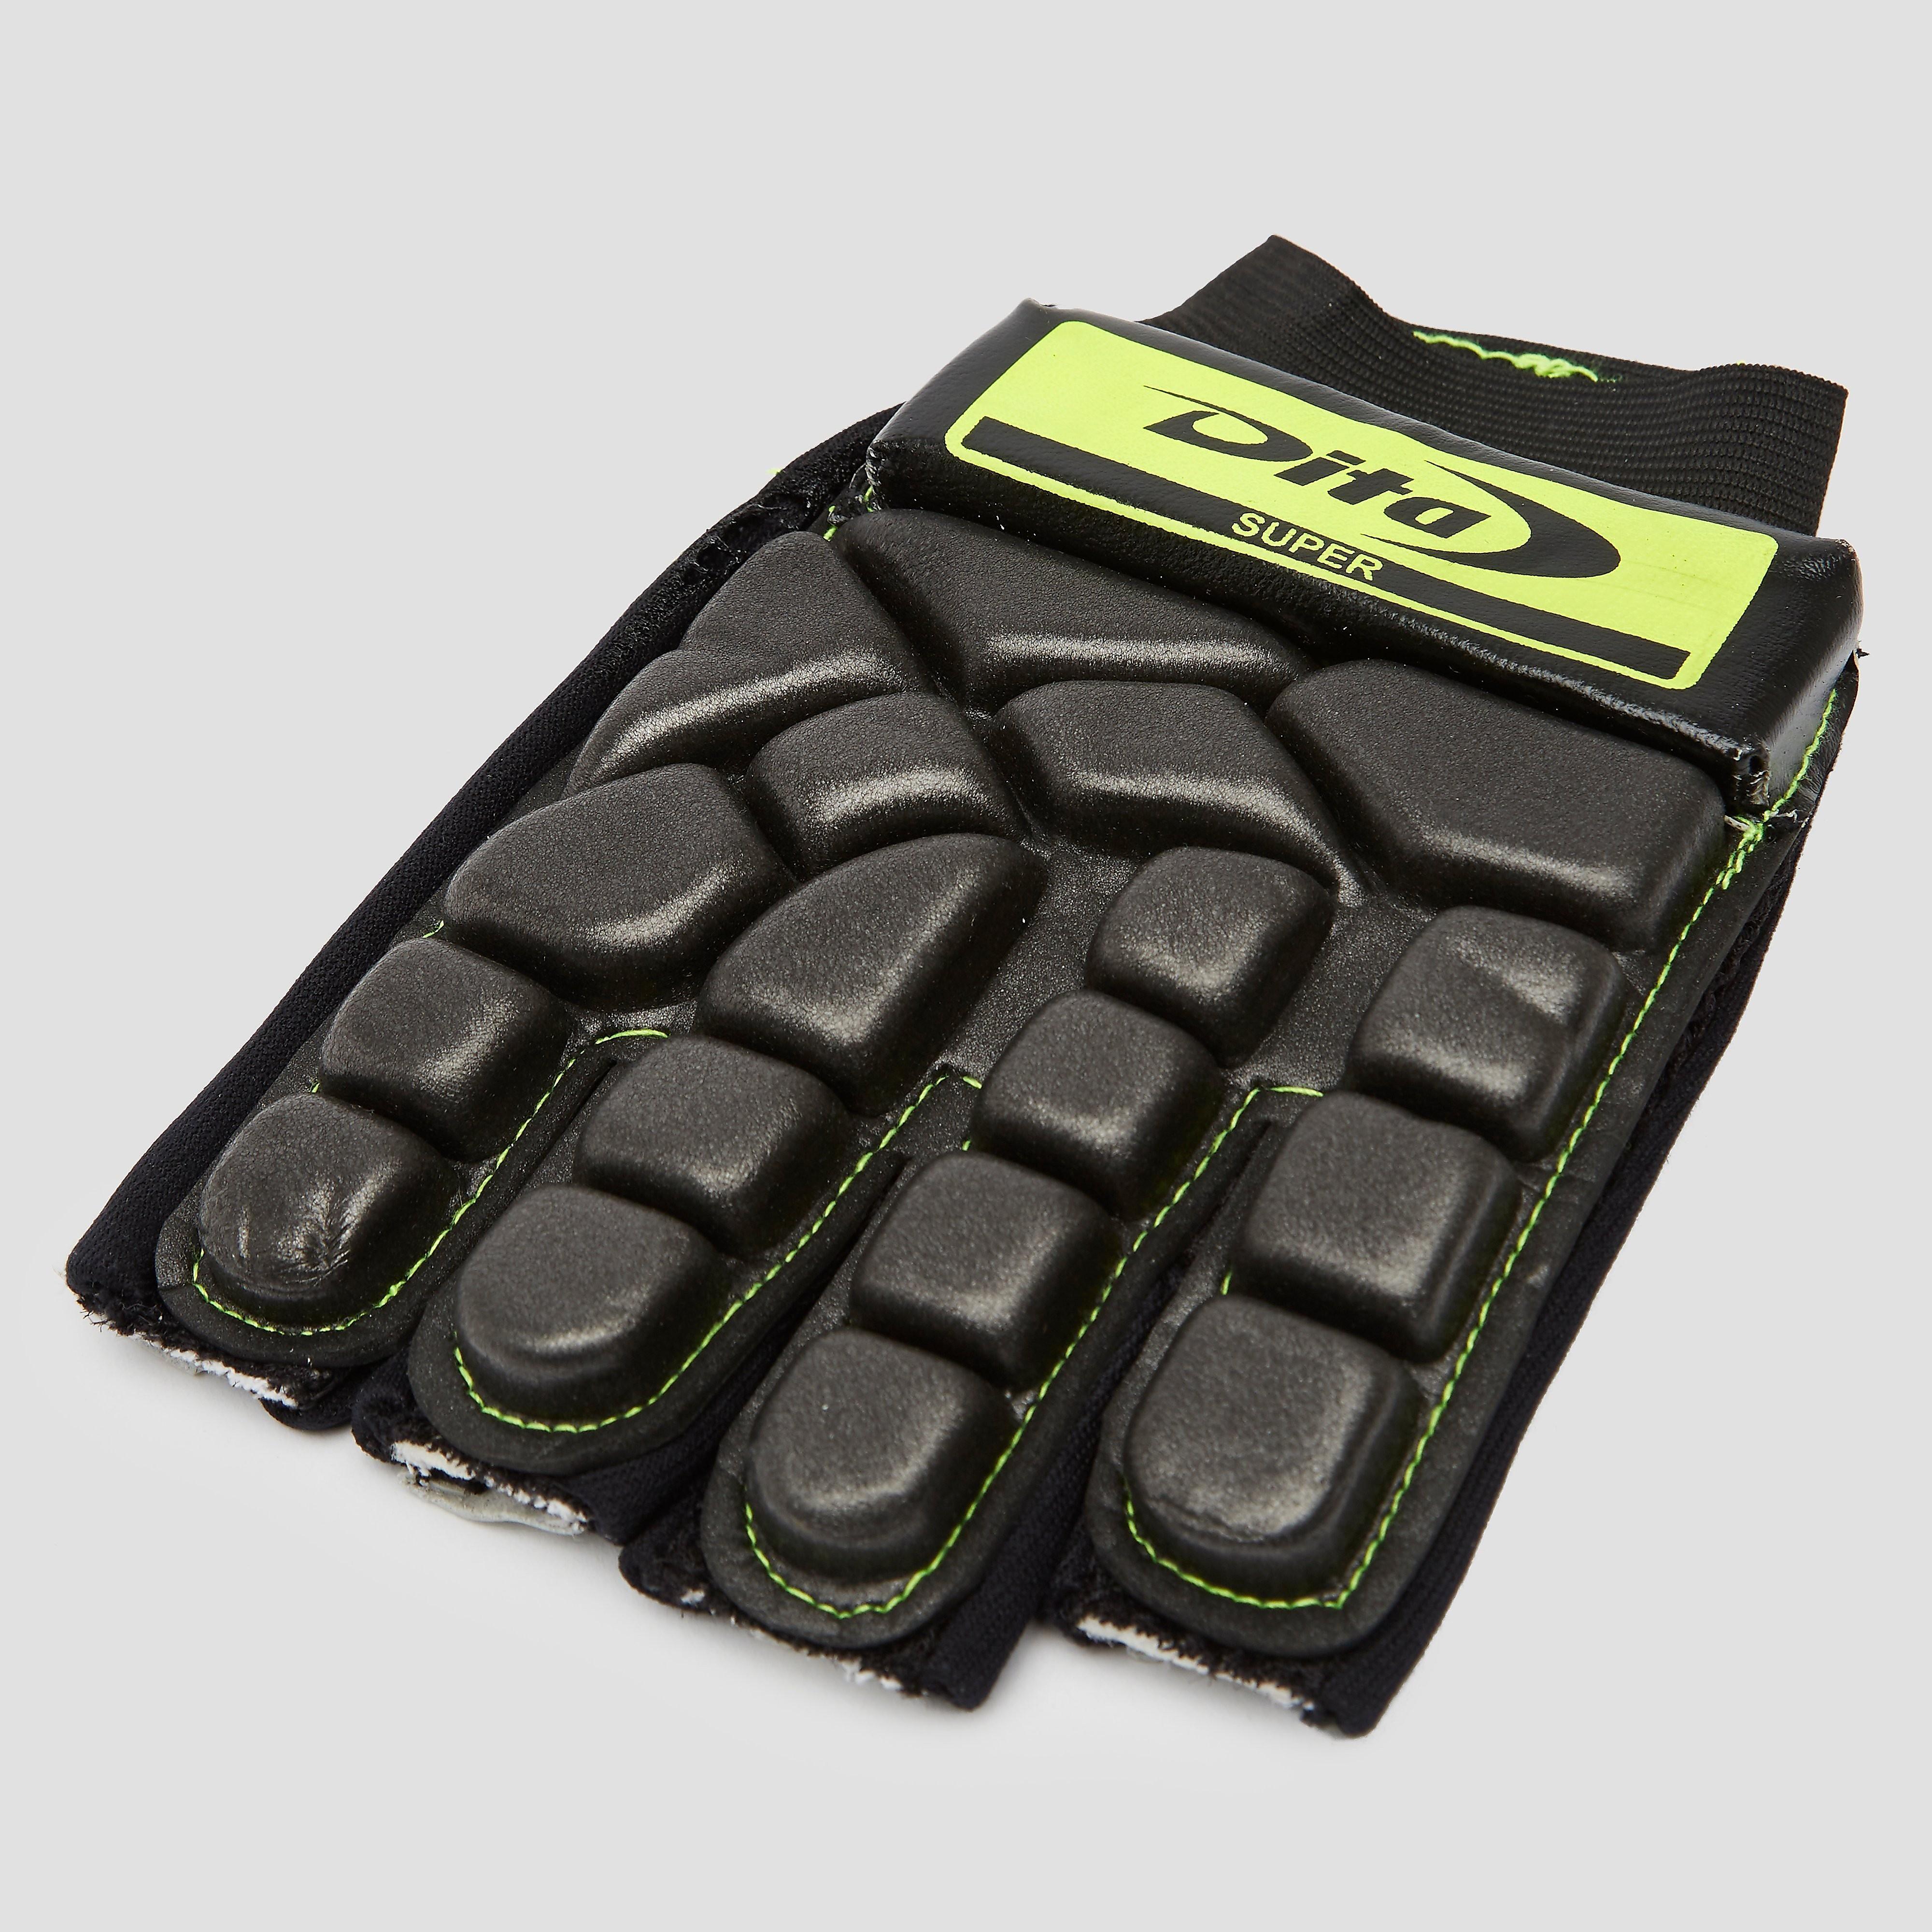 DITA Super hockeyhandschoen zwart/geel Dames